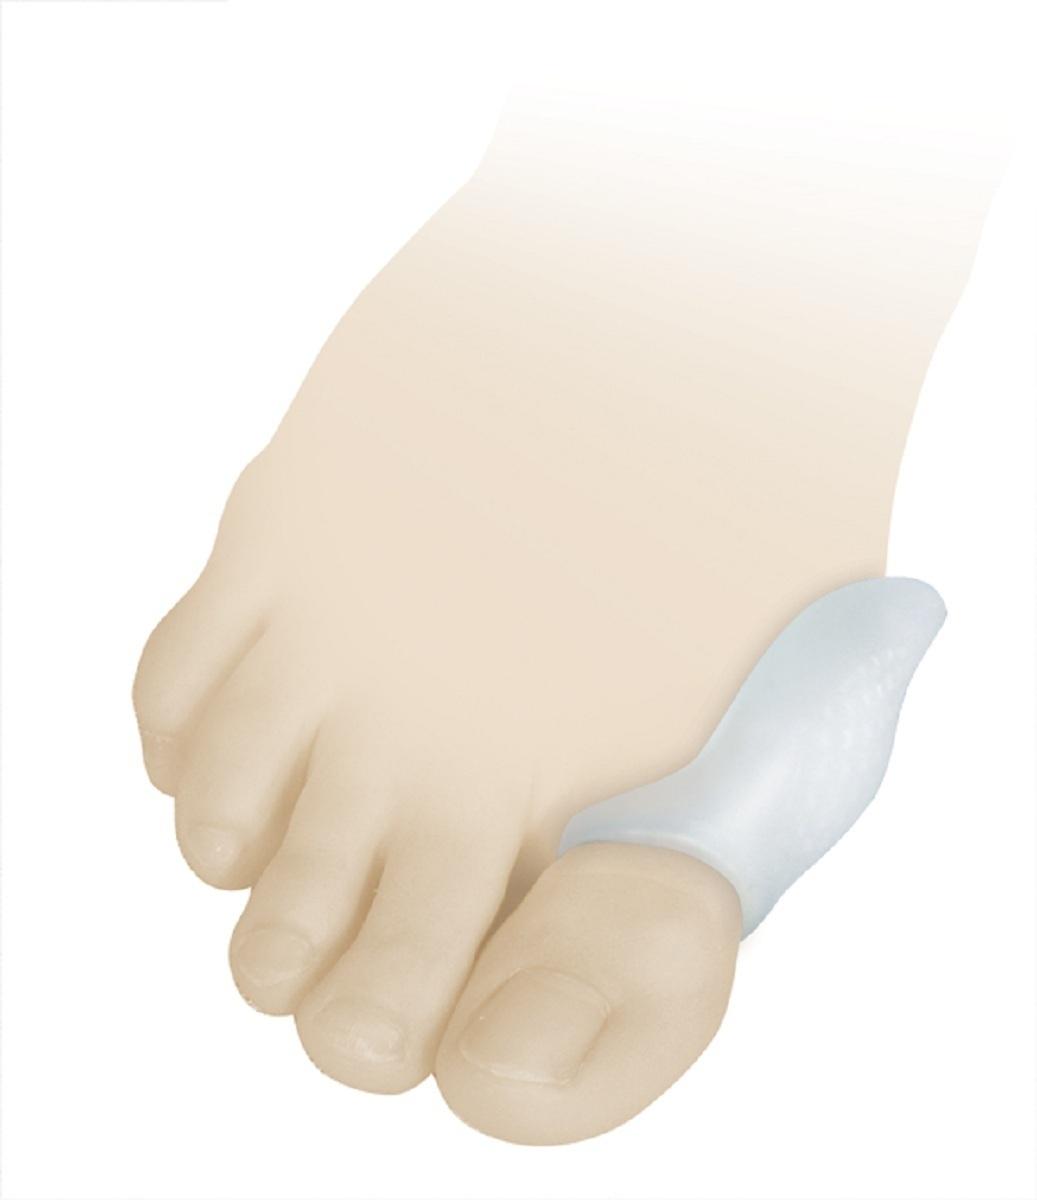 Luomma Бурсопротектор силиконовый Lum9011301210Размер универсальный. состав: 100% медицинский силикон. Защищает от давления и образования потертостей суставной сумки первого плюснефалангового сустава. В упаковке 2 шт.